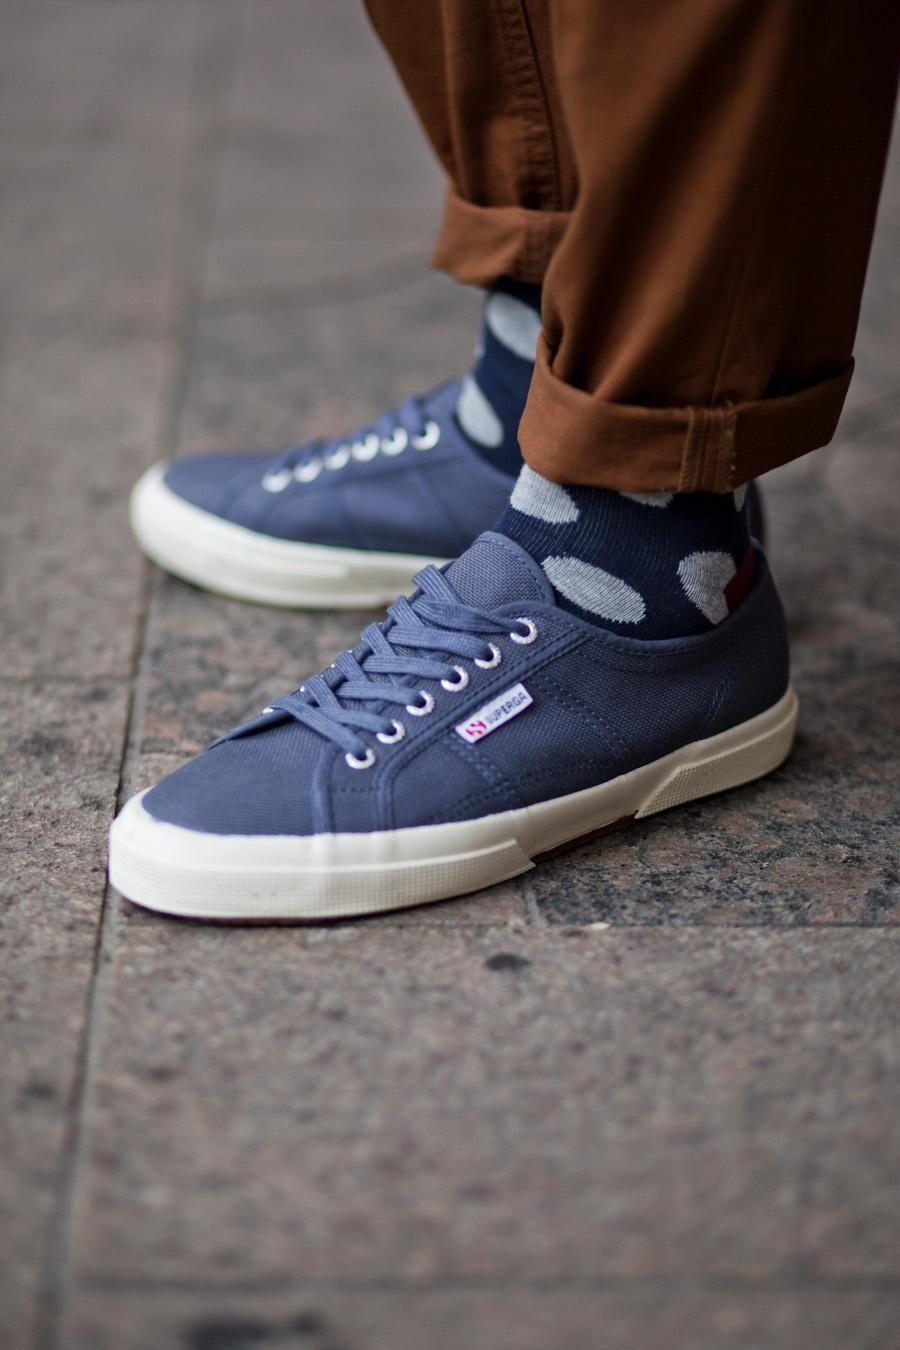 fc6af54bb5 superga sneakers + spotted socks